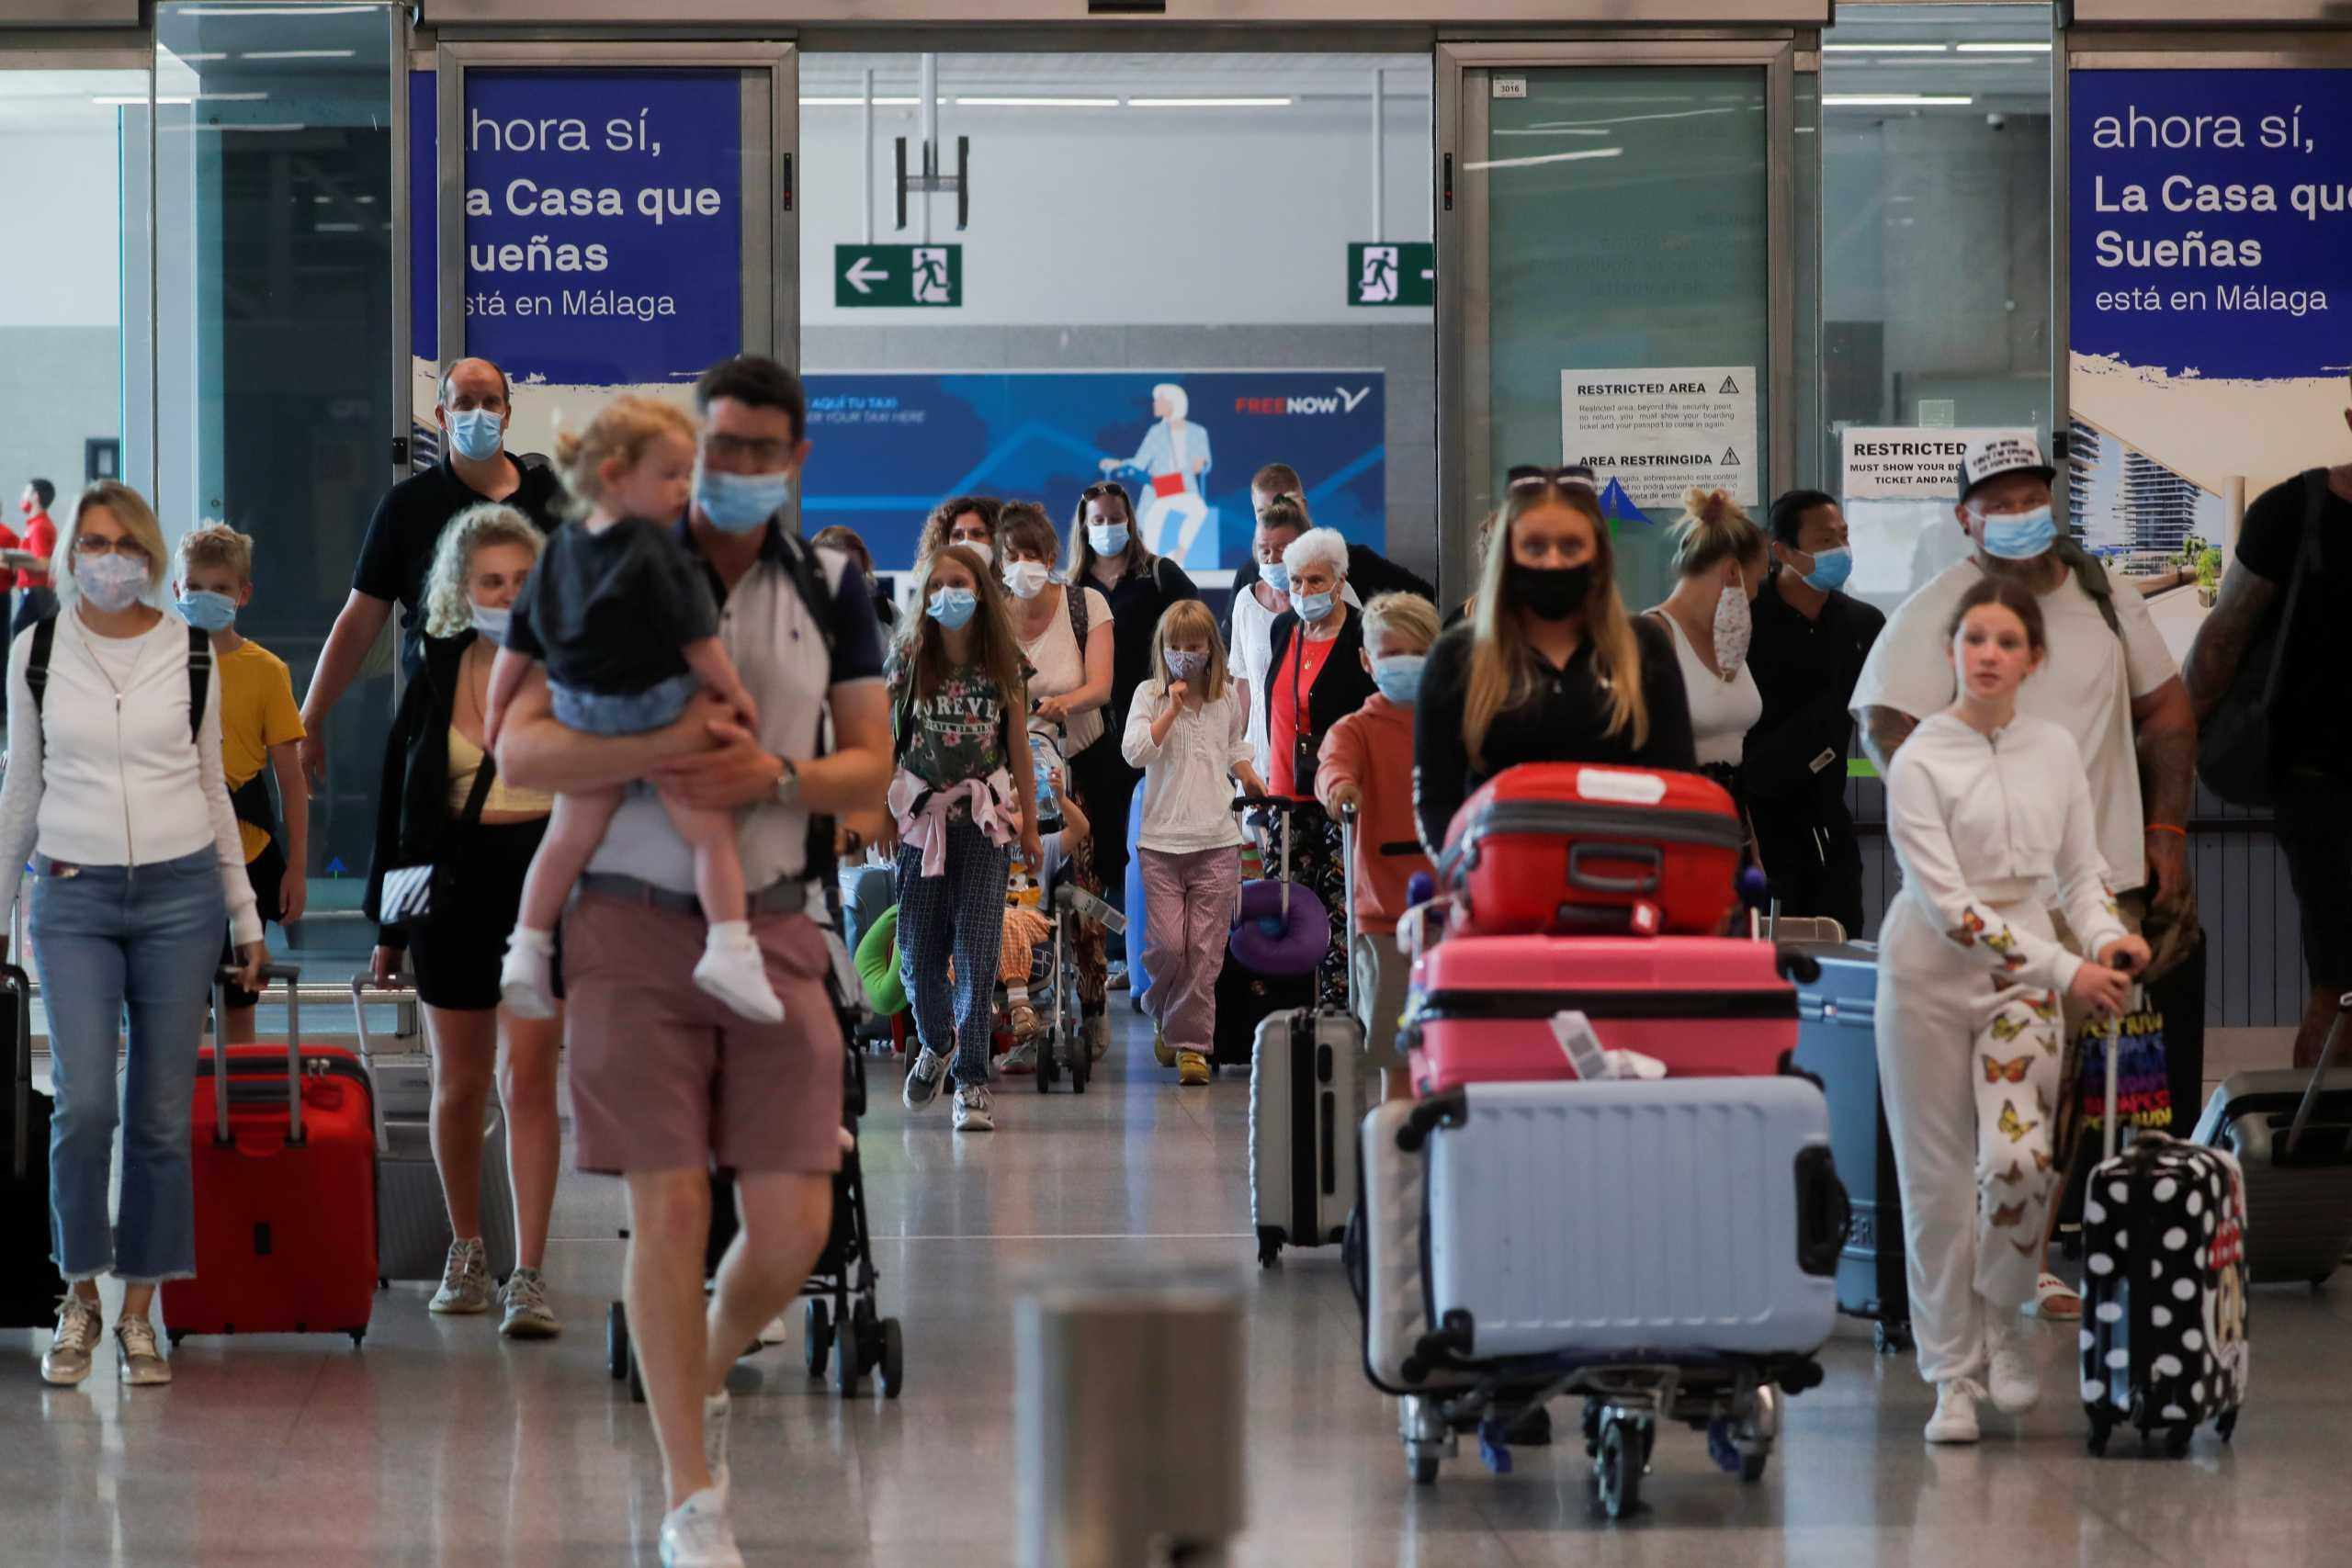 Κορονοϊός – Ταξιδιωτική οδηγία των ΗΠΑ: «Μην ταξιδεύετε για Γαλλία»